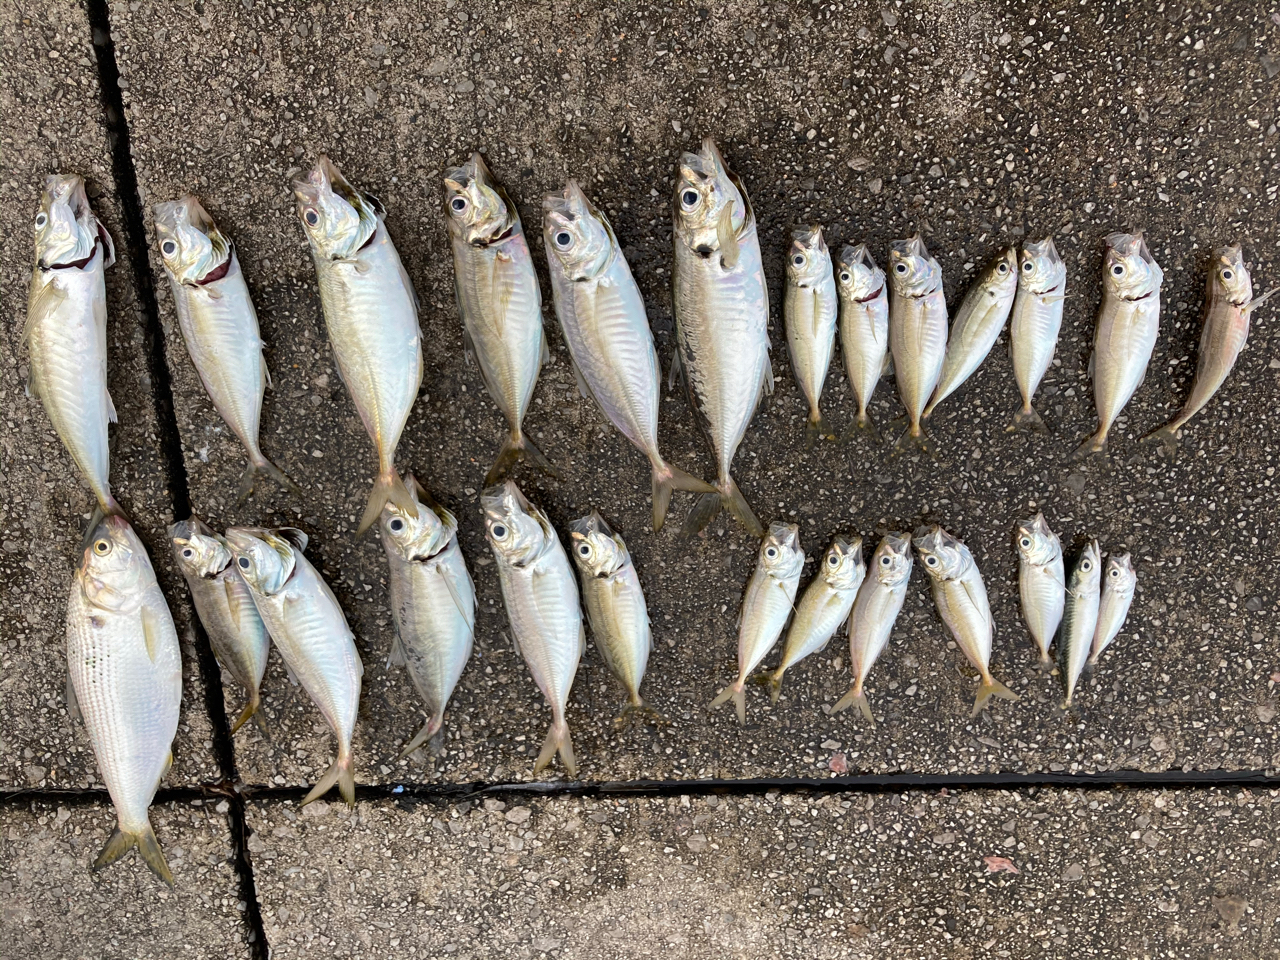 東扇島 西 公園 釣果 東扇島西公園の釣り情報まとめ!釣果や釣れるポイント、駐車場情報ま...